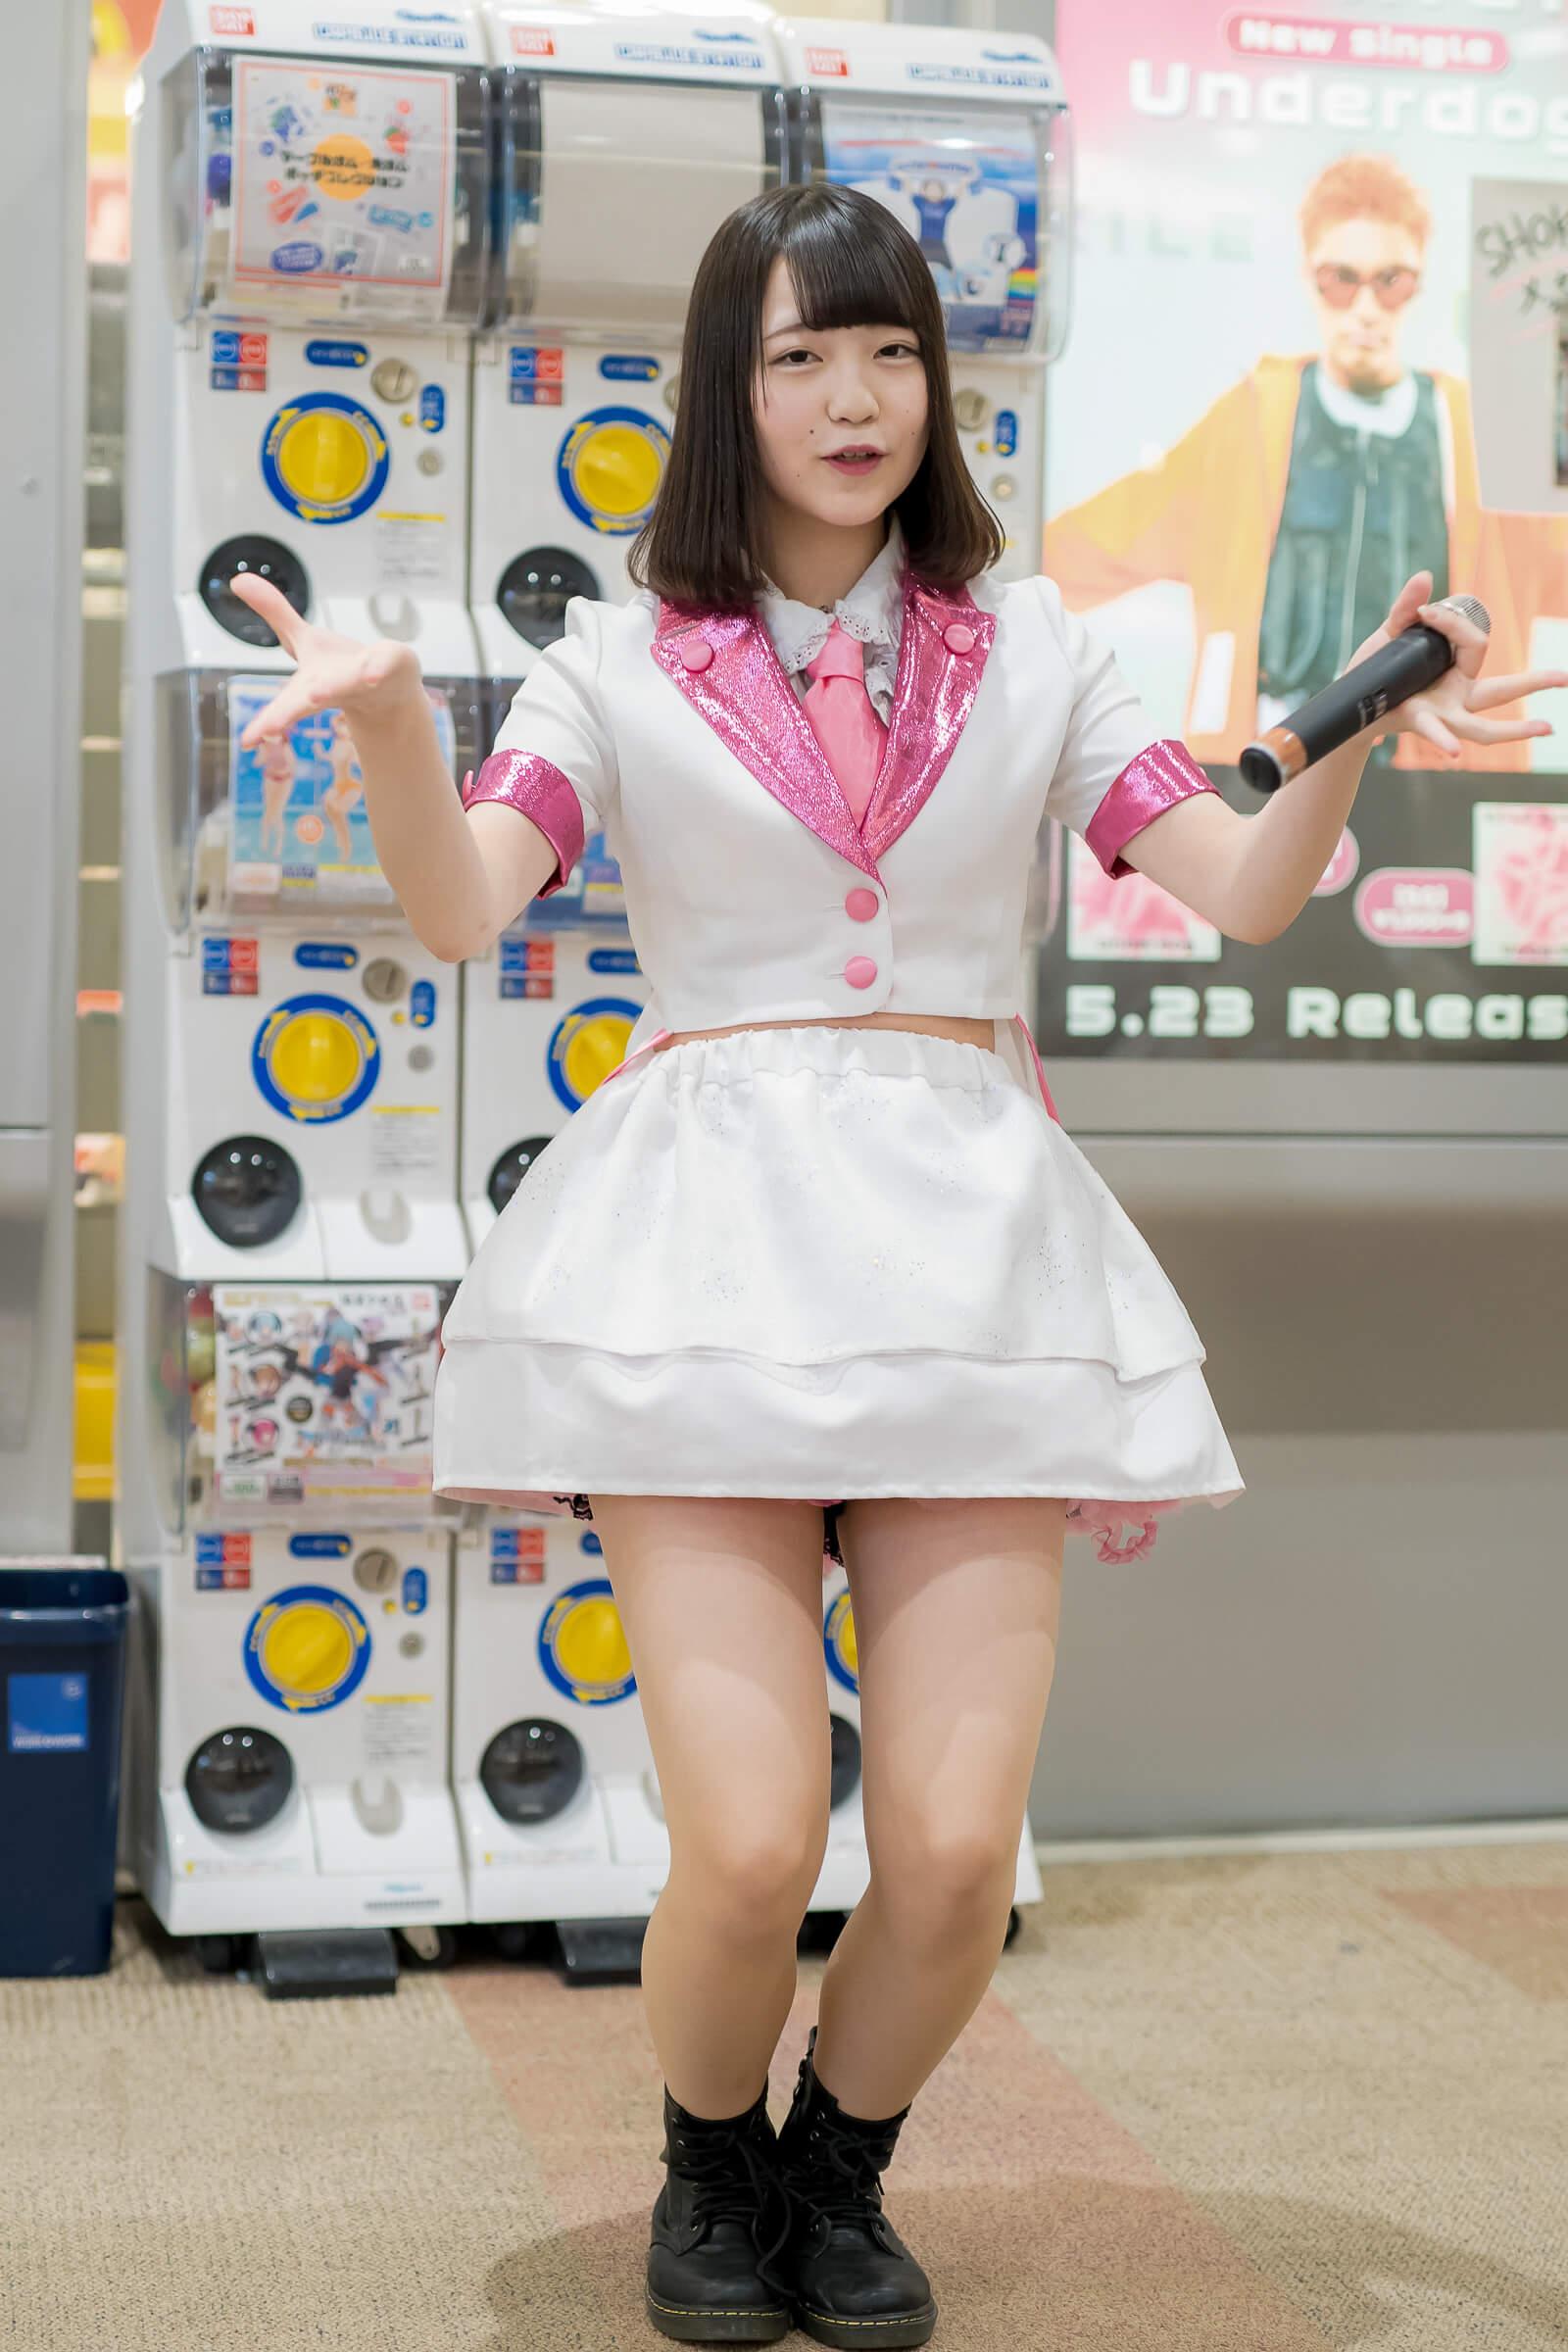 フルーティー♡ きょうか ( 宮崎杏花 ) | フルーティー♡メジャーシングル第2弾「FRONT LINER」リリースイベント